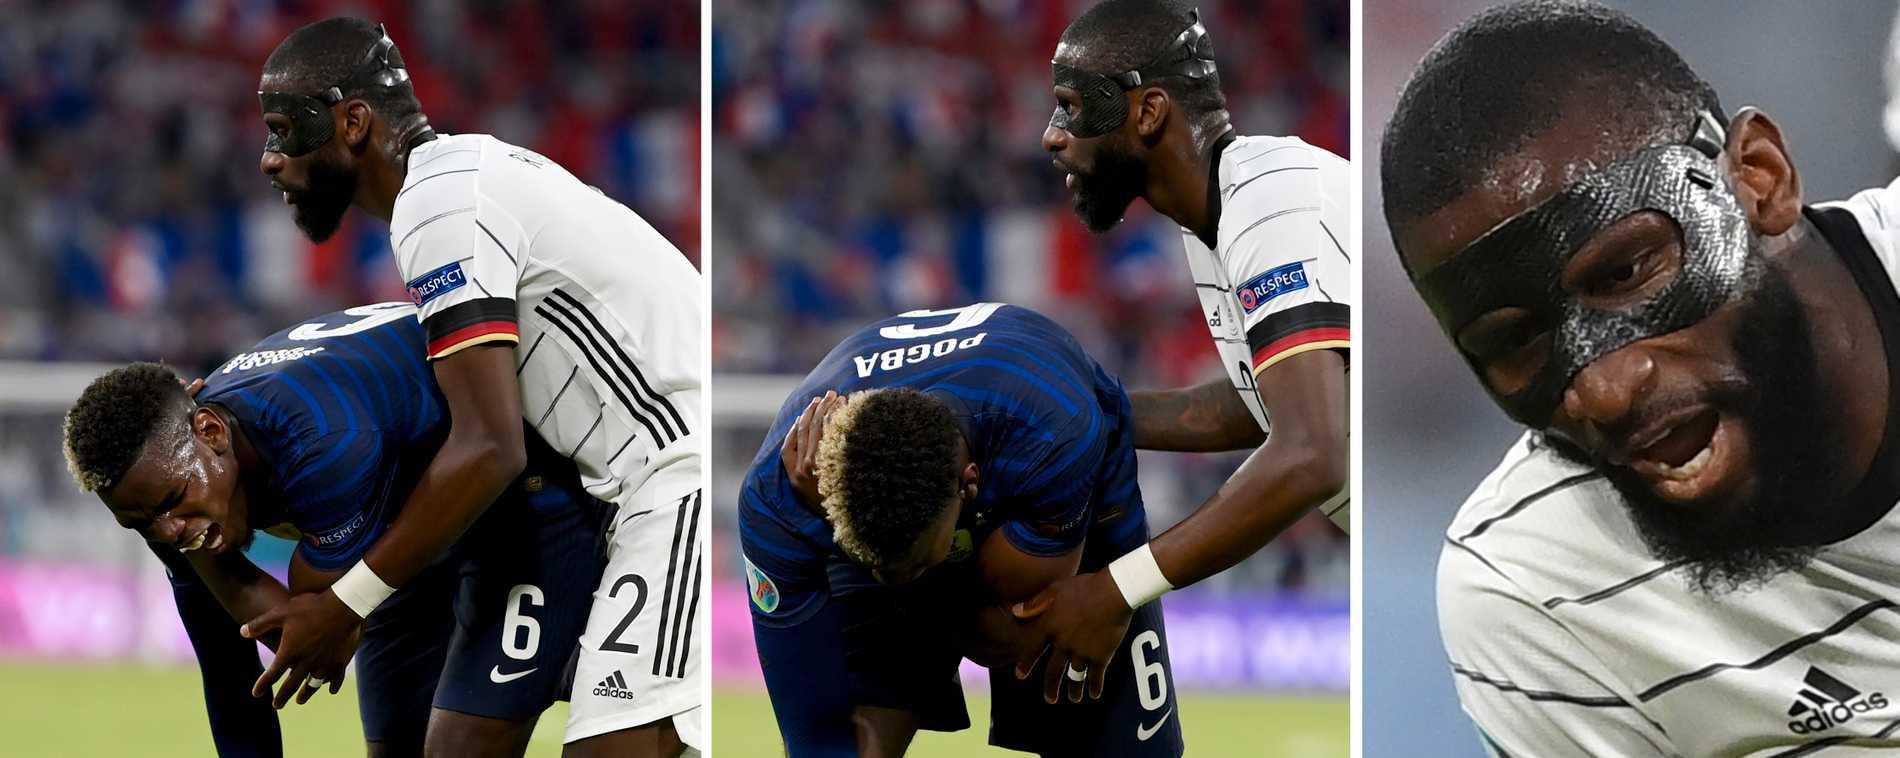 Antonio Rüdiger tog ett bett av Paul Pogba.